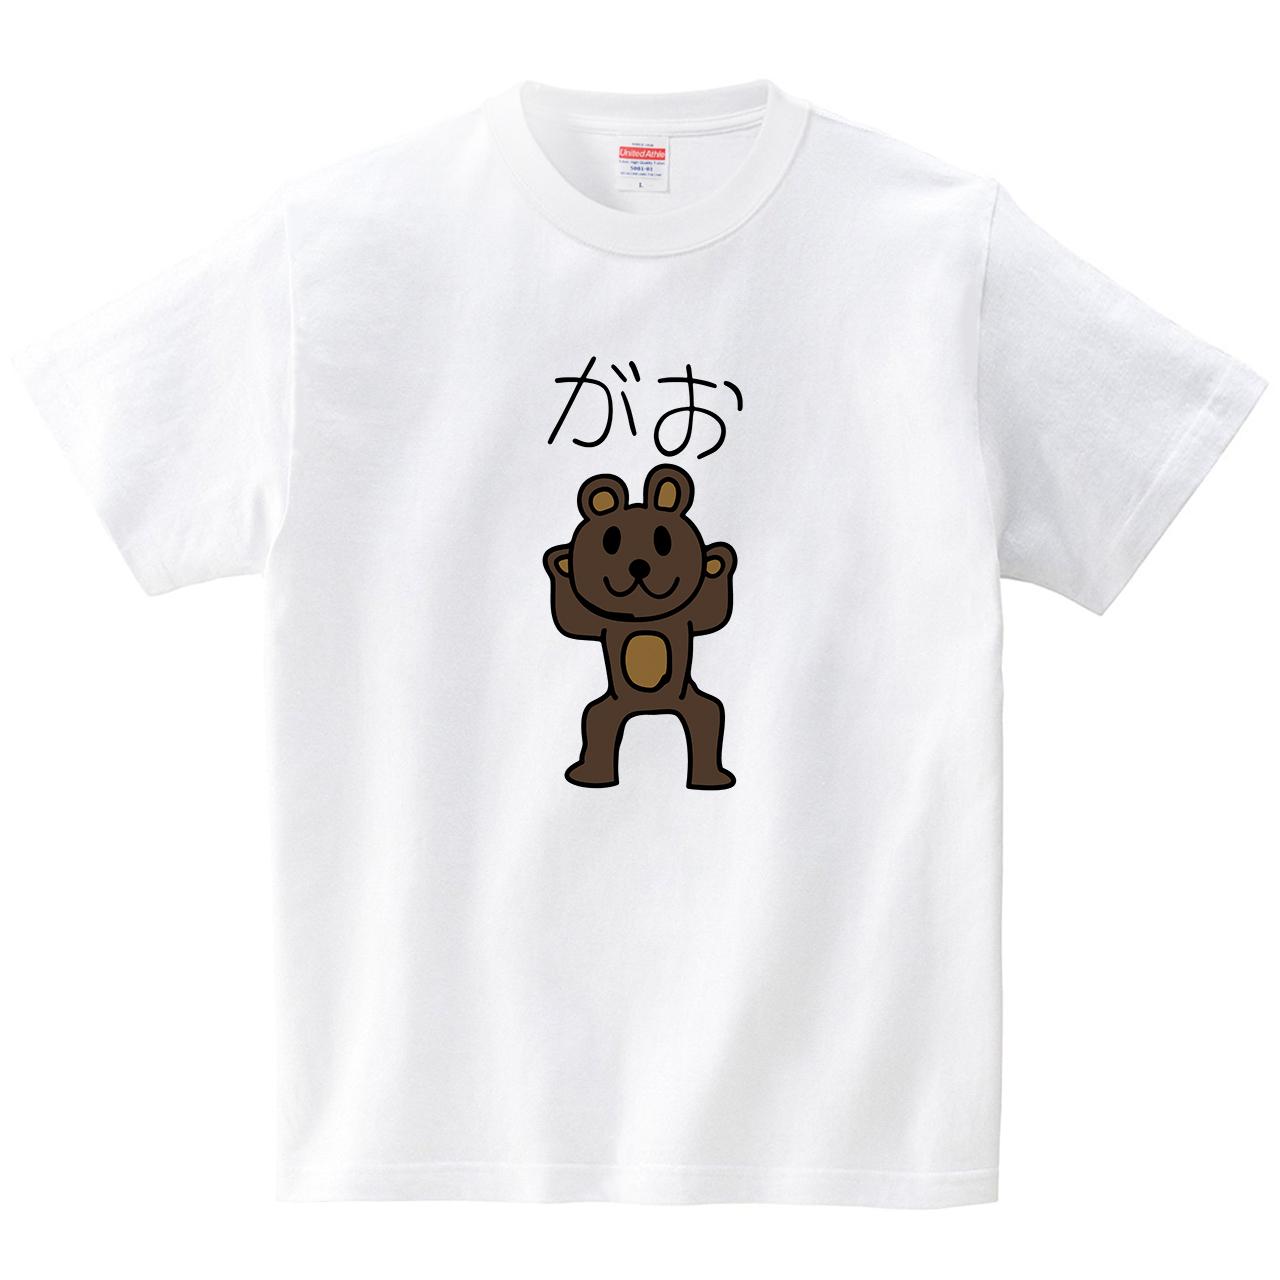 テガーキ熊(Tシャツ・ホワイト)(犬田猫三郎)